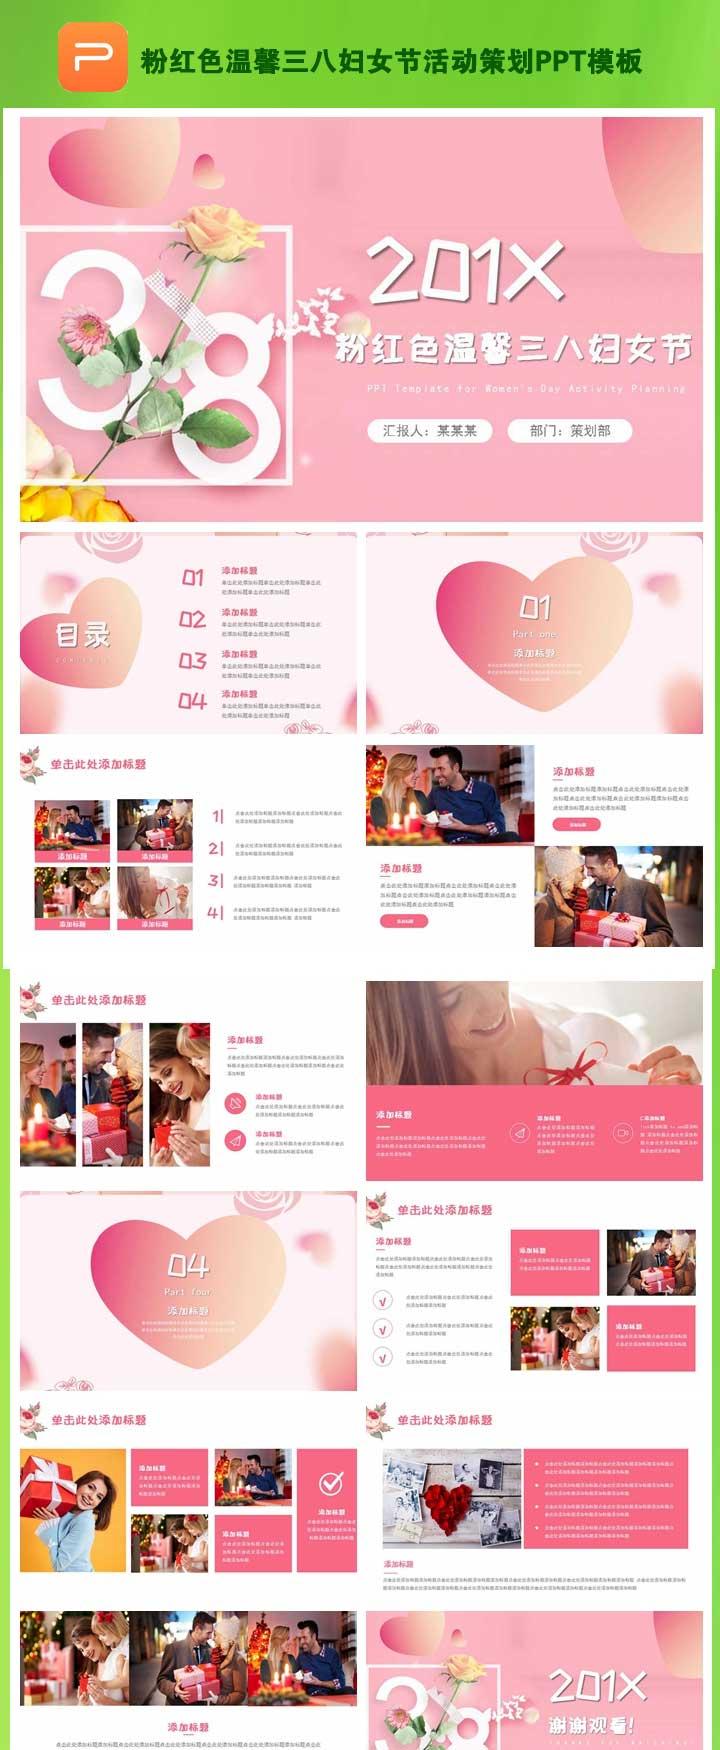 粉红色温馨三八妇女节活动策划PPT模板